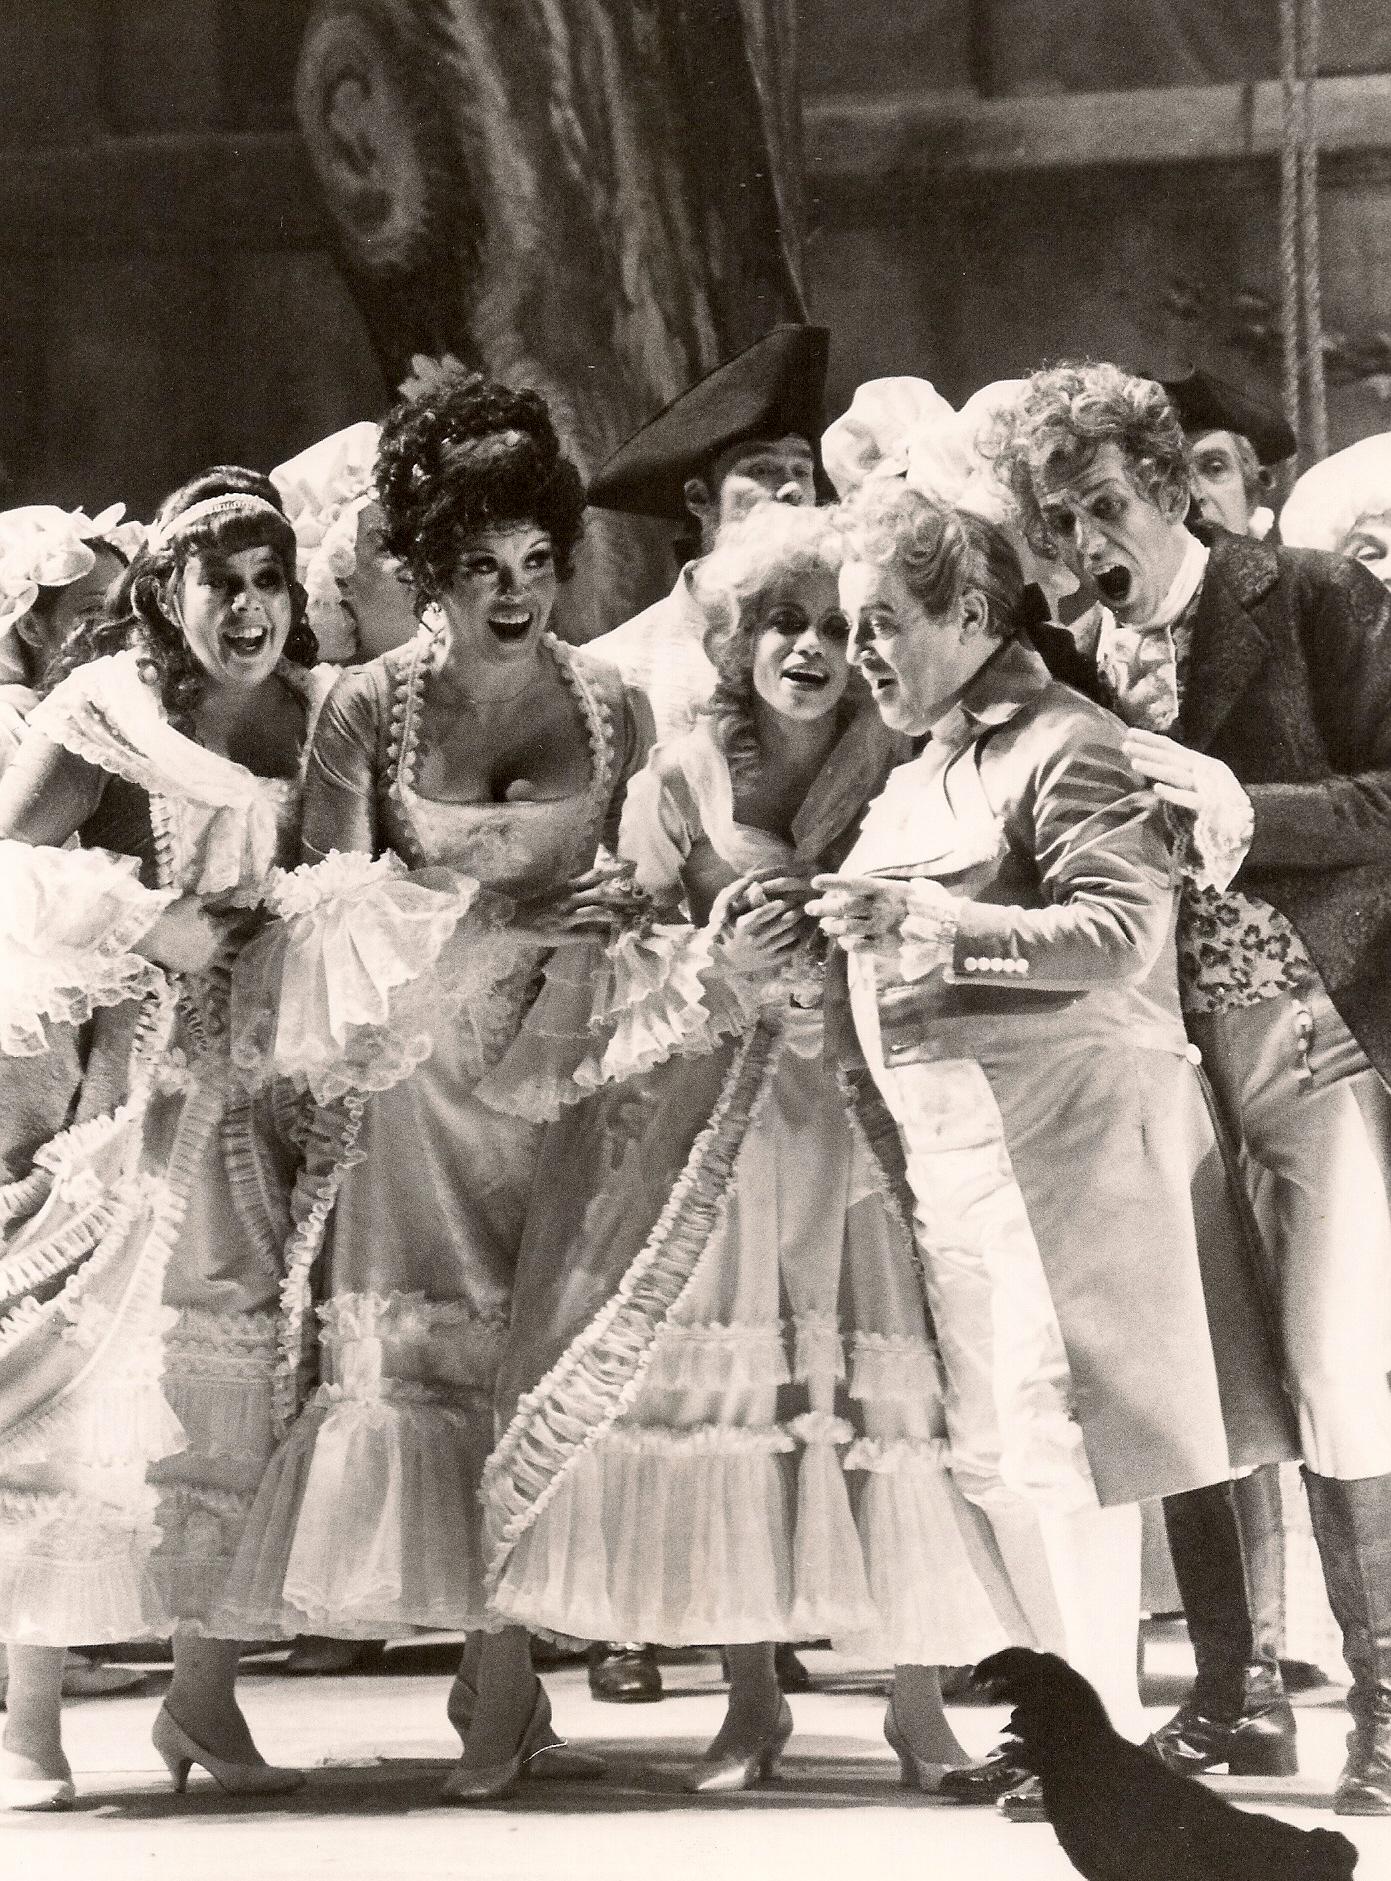 Poussette in  Manon,  The Metropolitain Opera